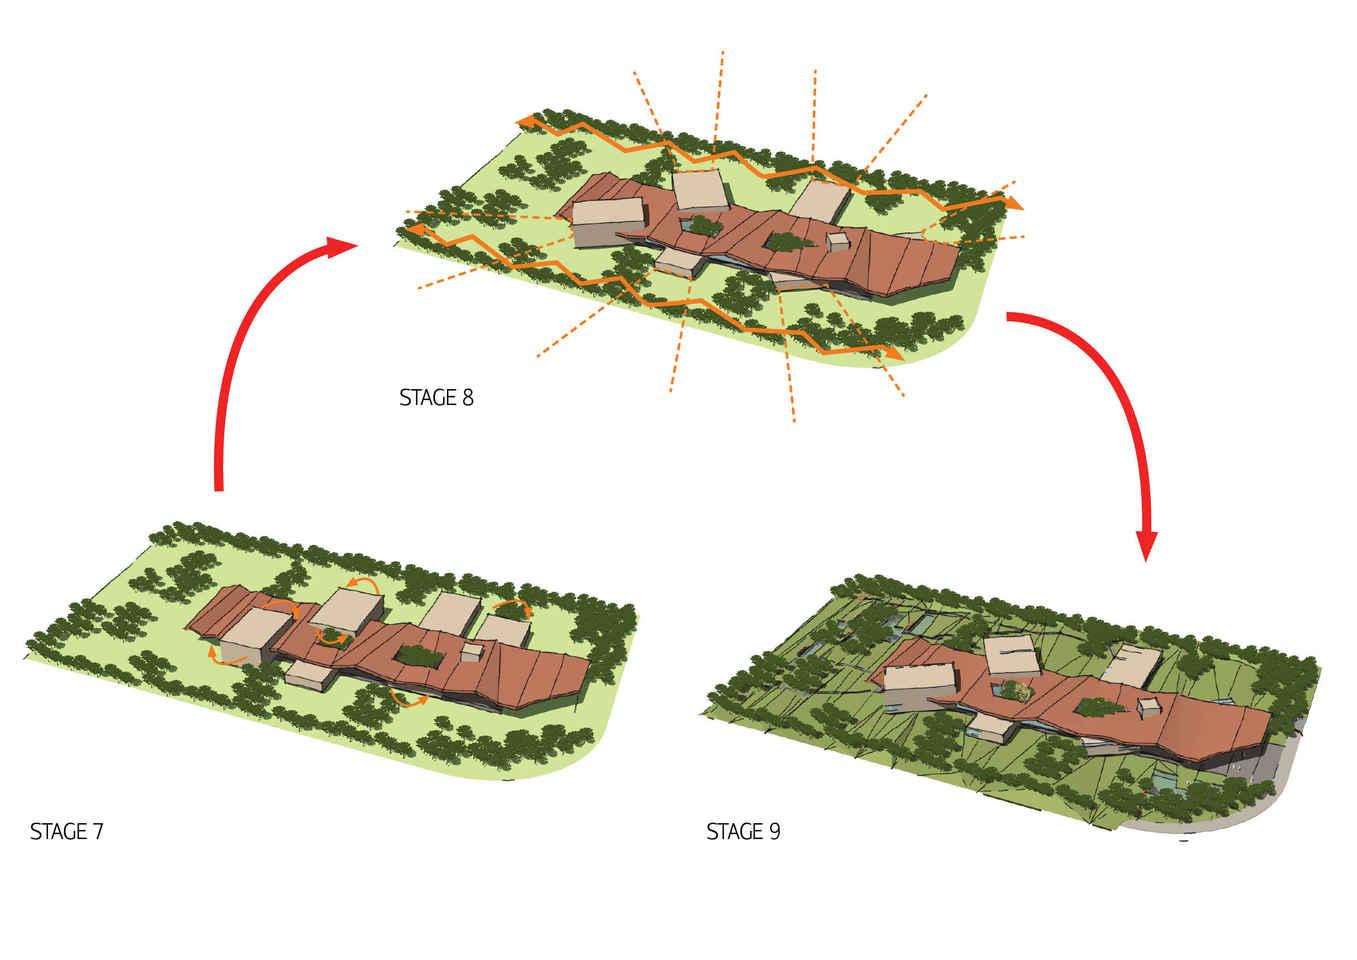 LAB_CTC_111019_Concept Diagram_P03.jpg